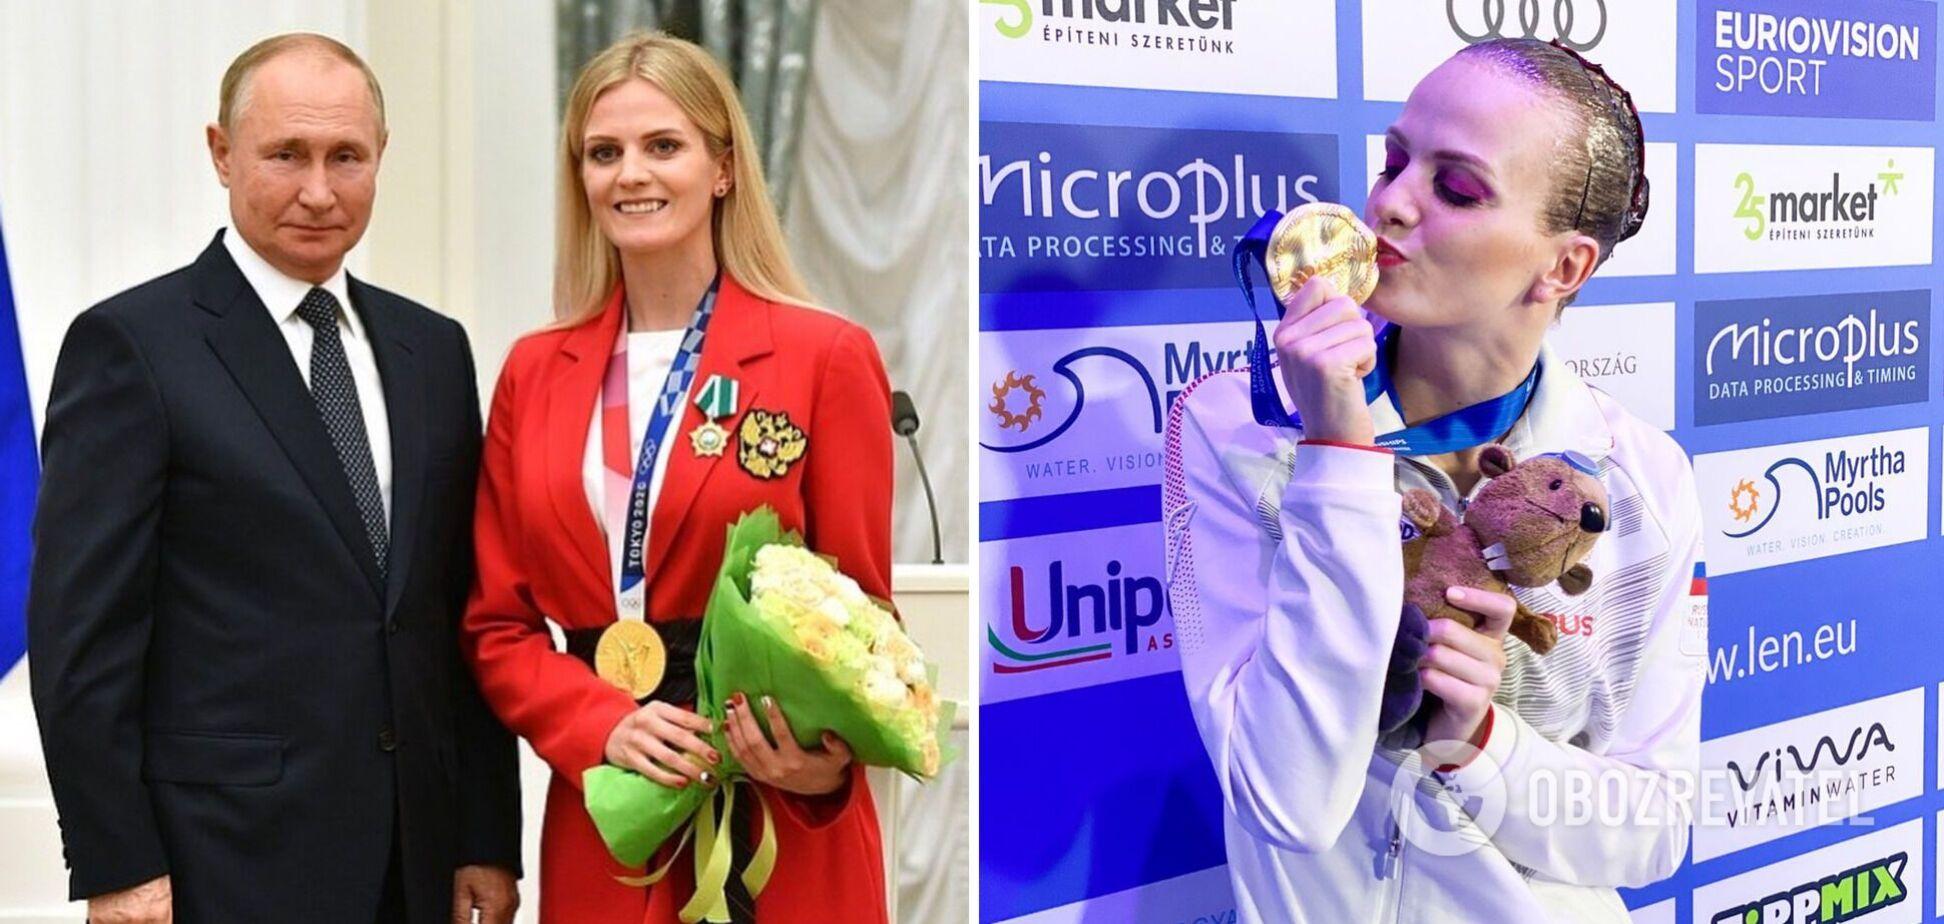 Марина Голядкина зробила фото з Путіним